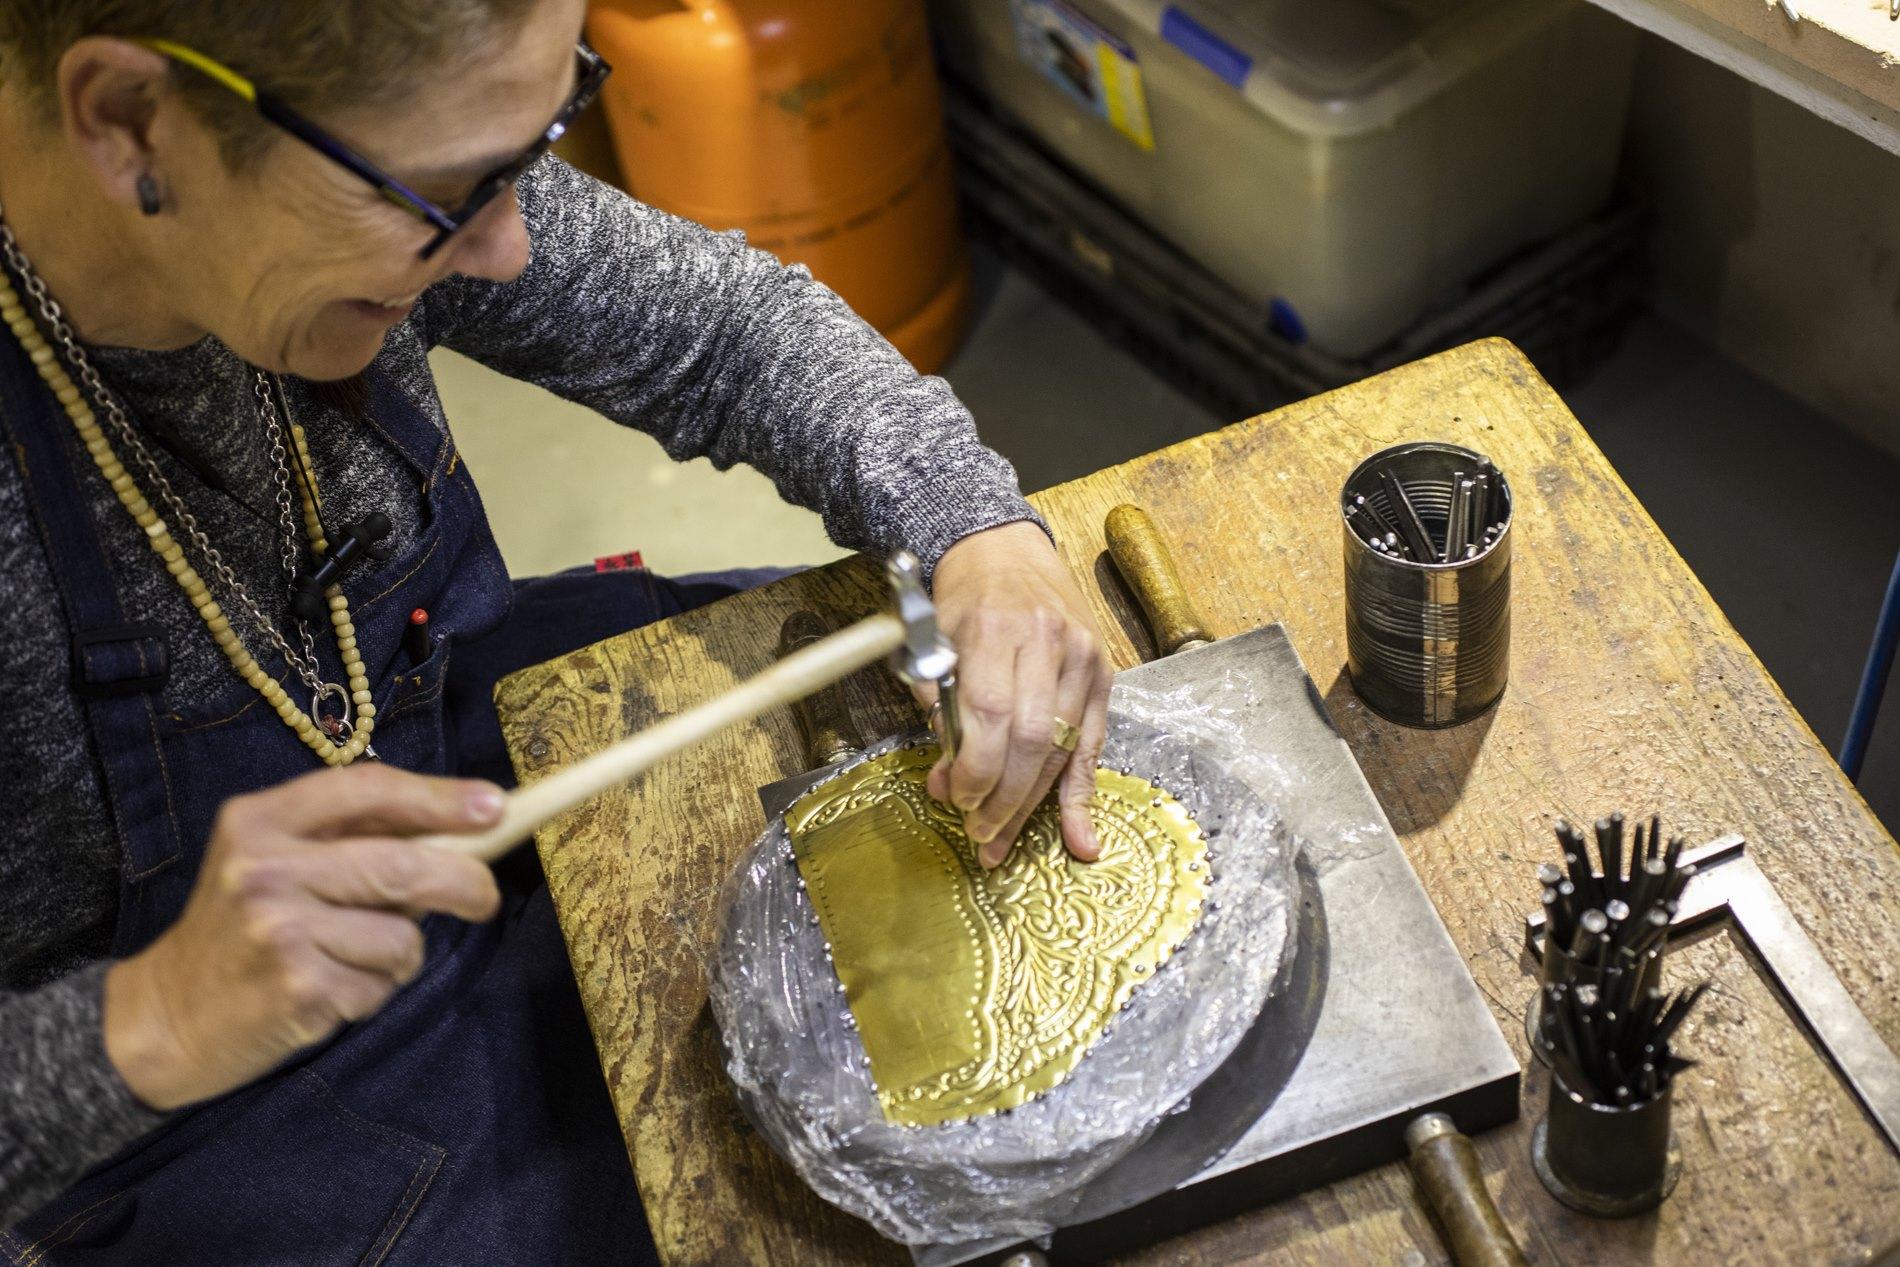 En 'Peris Roca' se elabora la orfebrería de los trajes regionales valencianos desde hace un siglo.